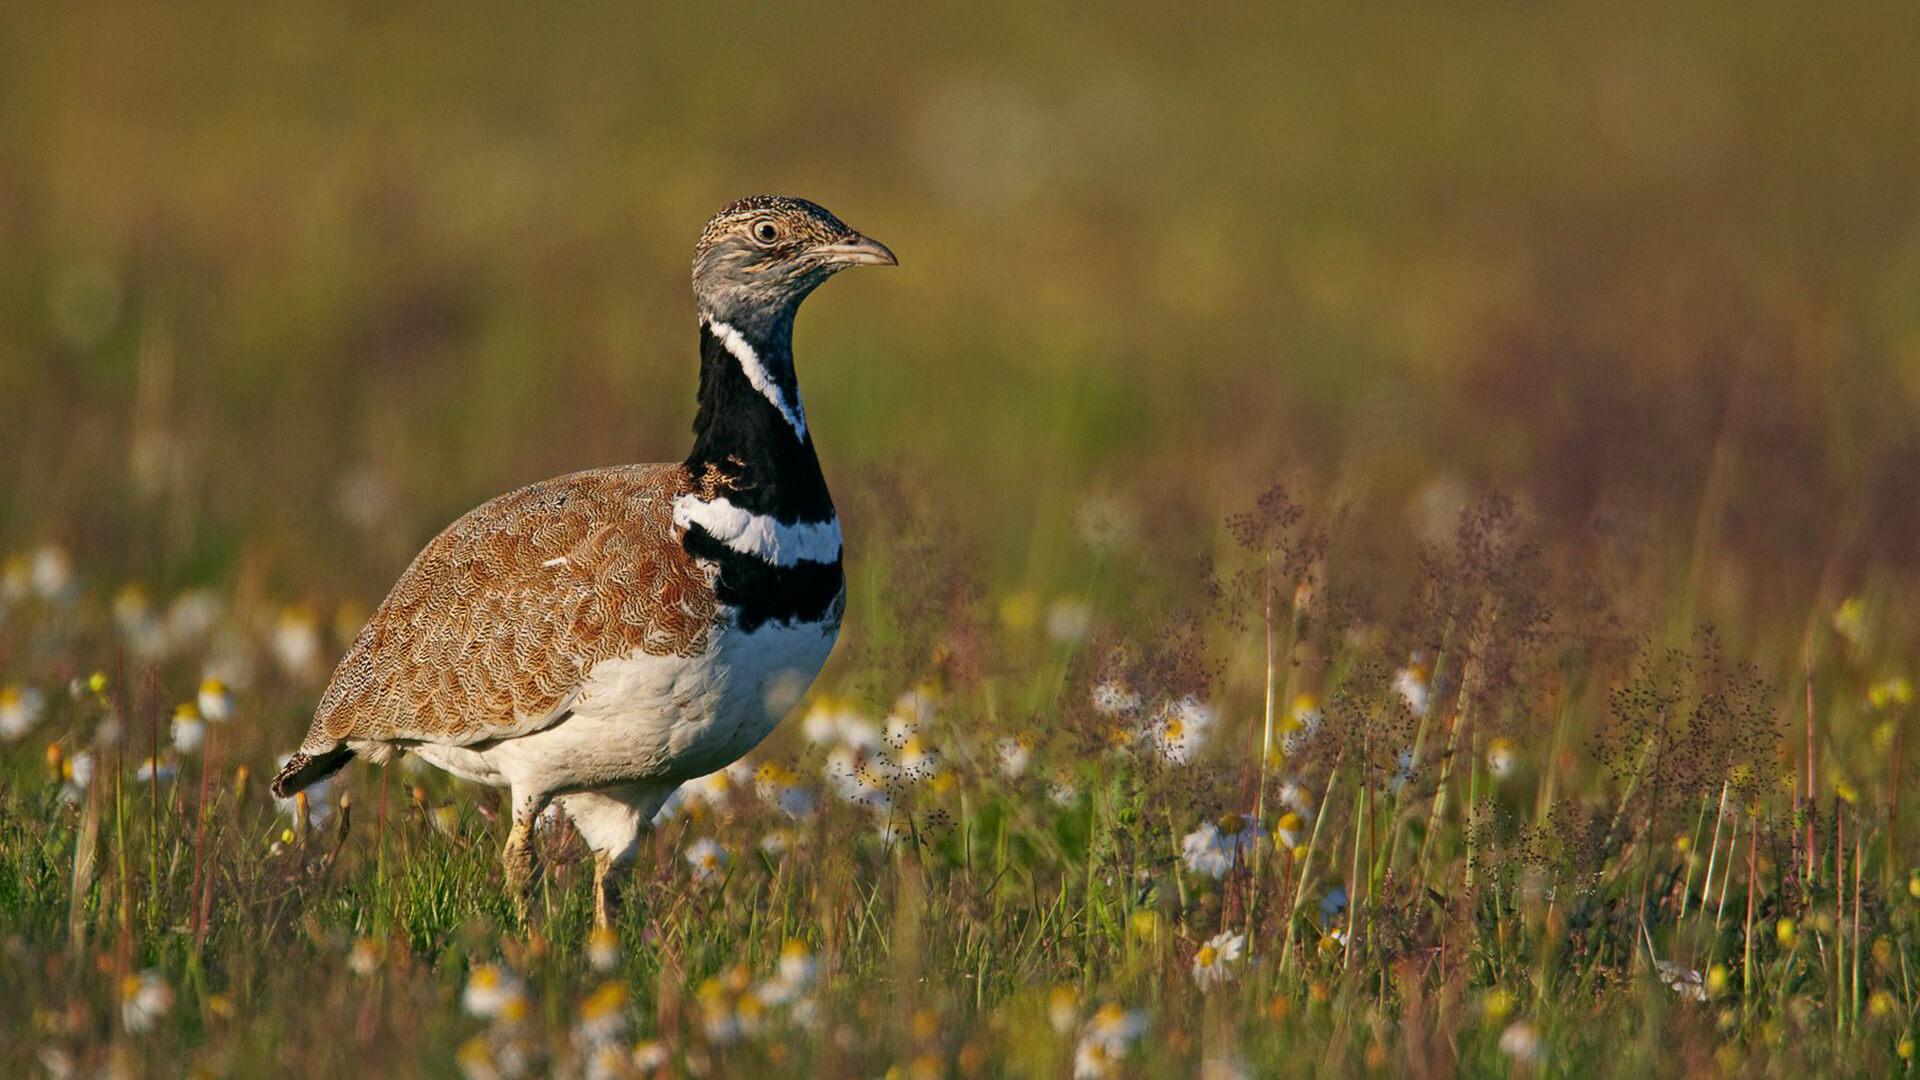 пташка стрепет картинки зачастую подъем температуры